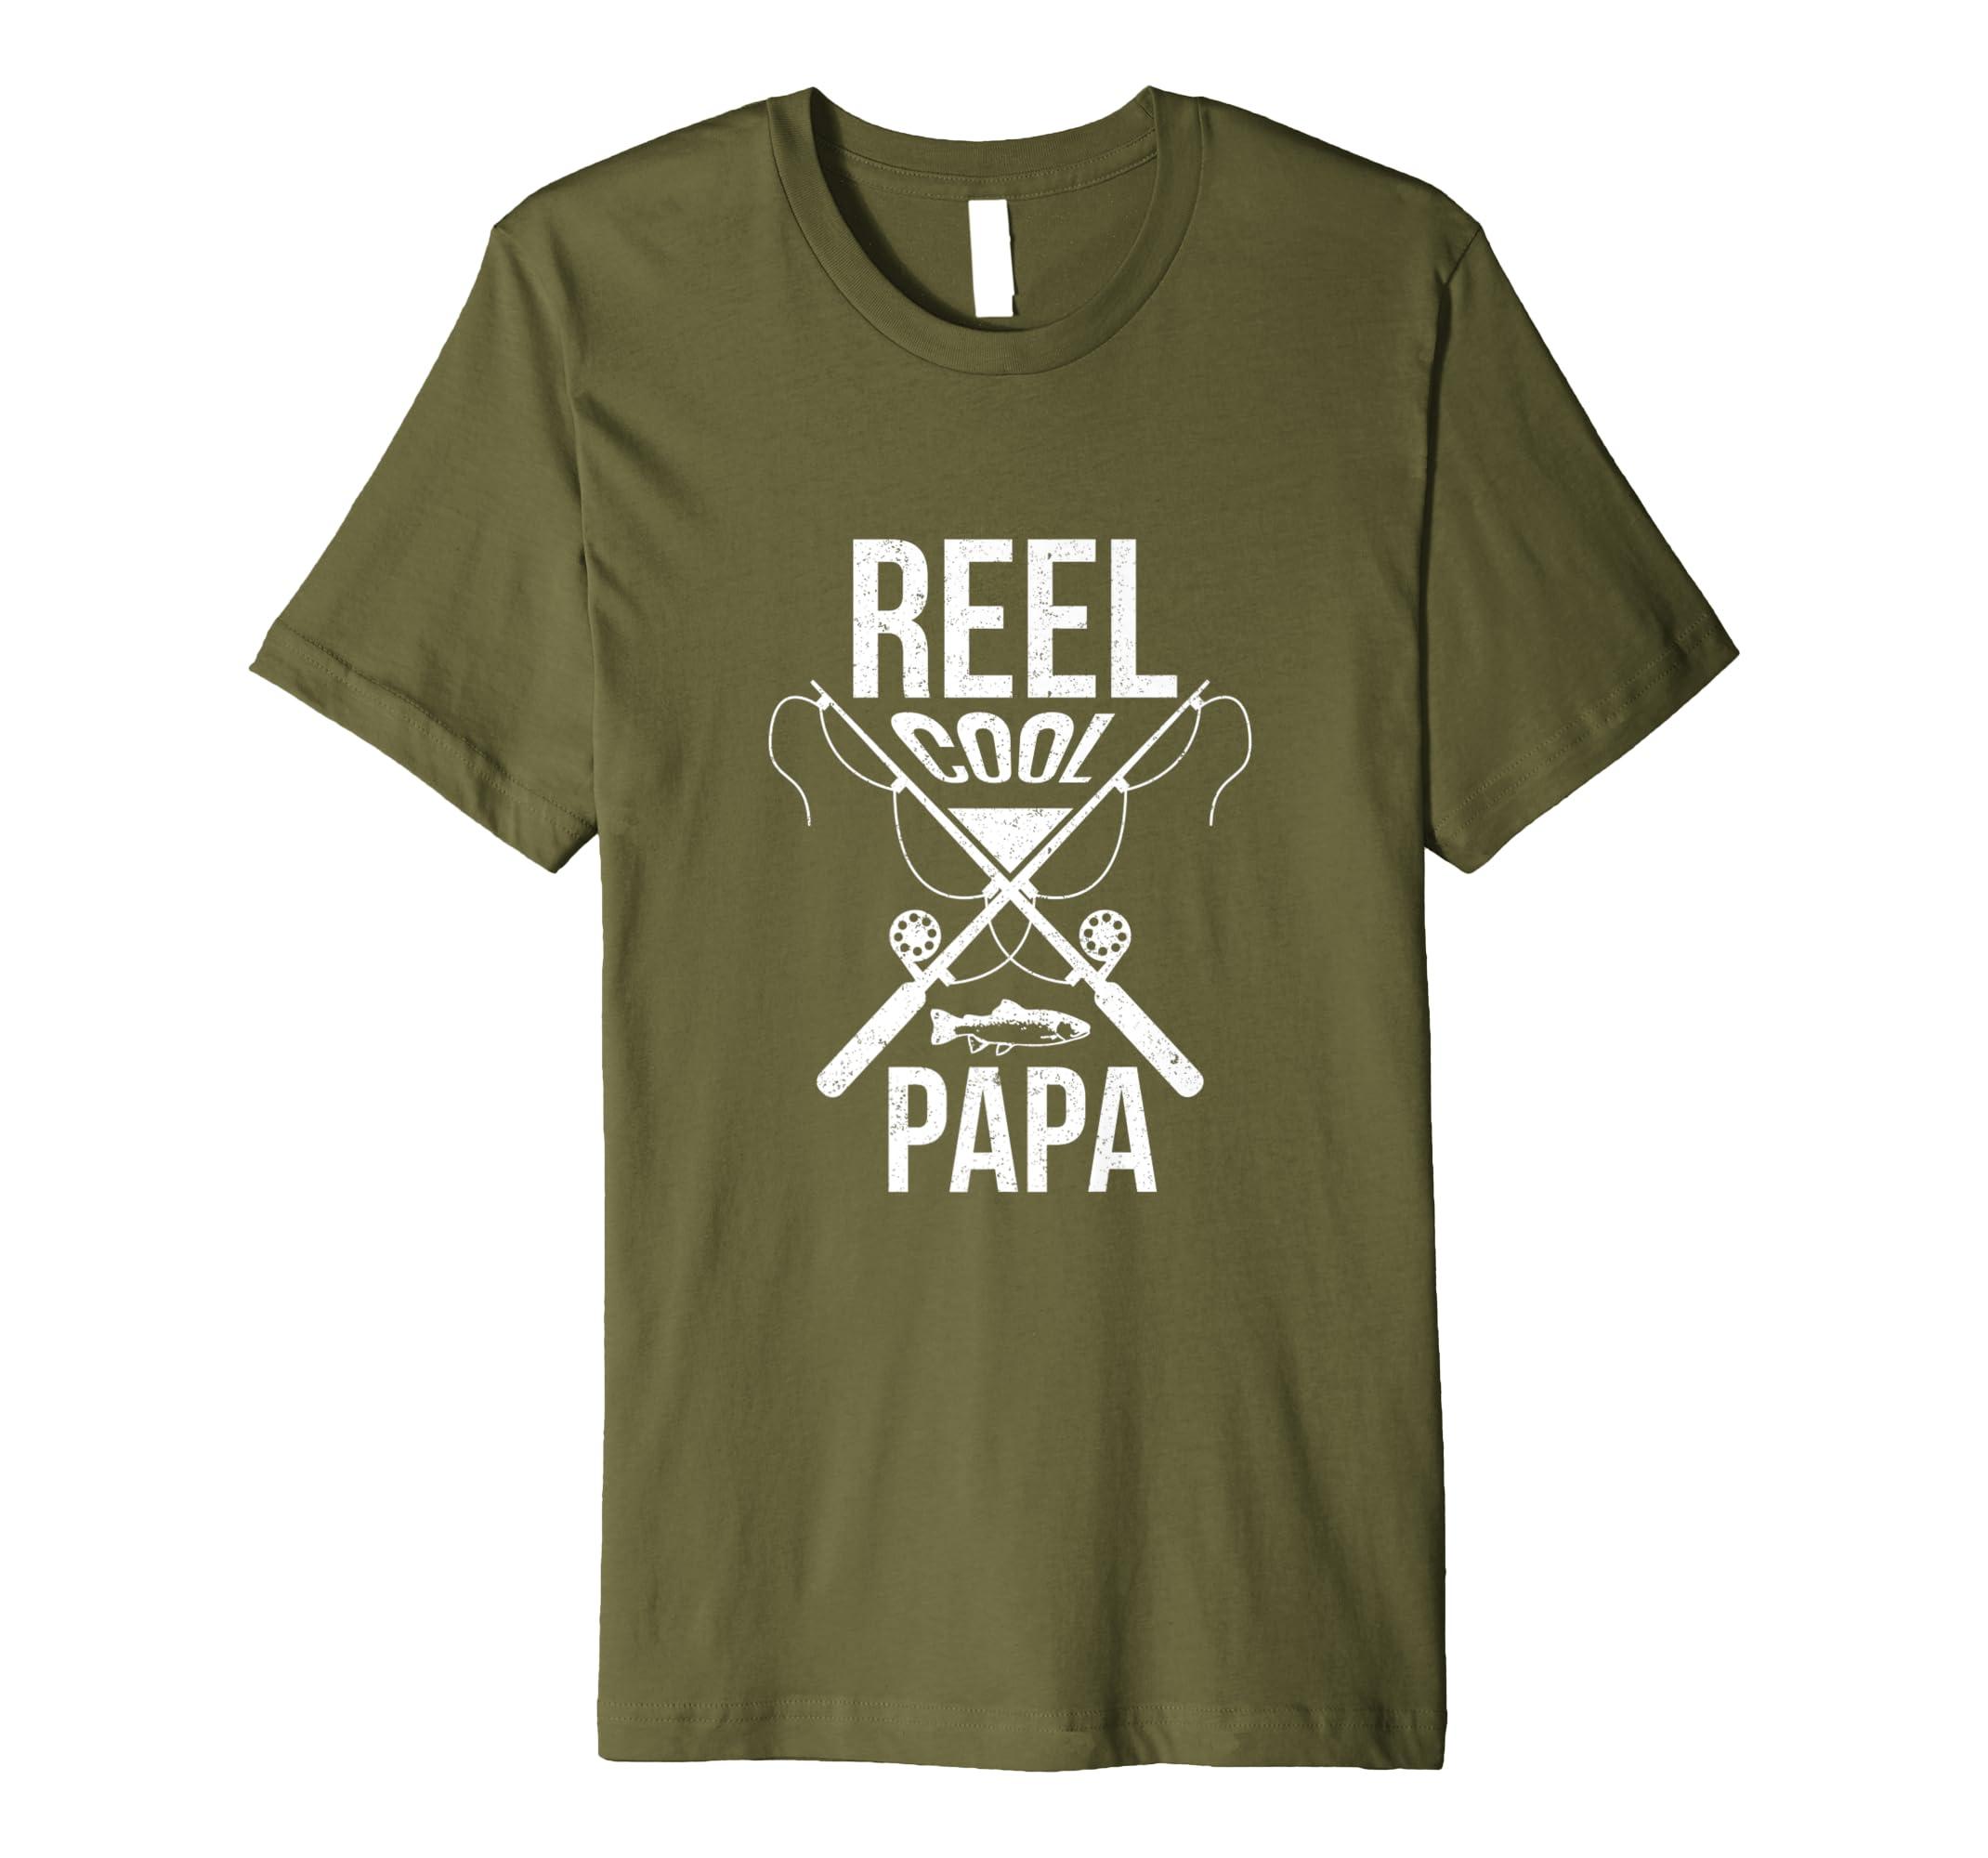 Spulen-kühler Papa-T-Shirt Vatertag Geschenk: Amazon.de: Bekleidung